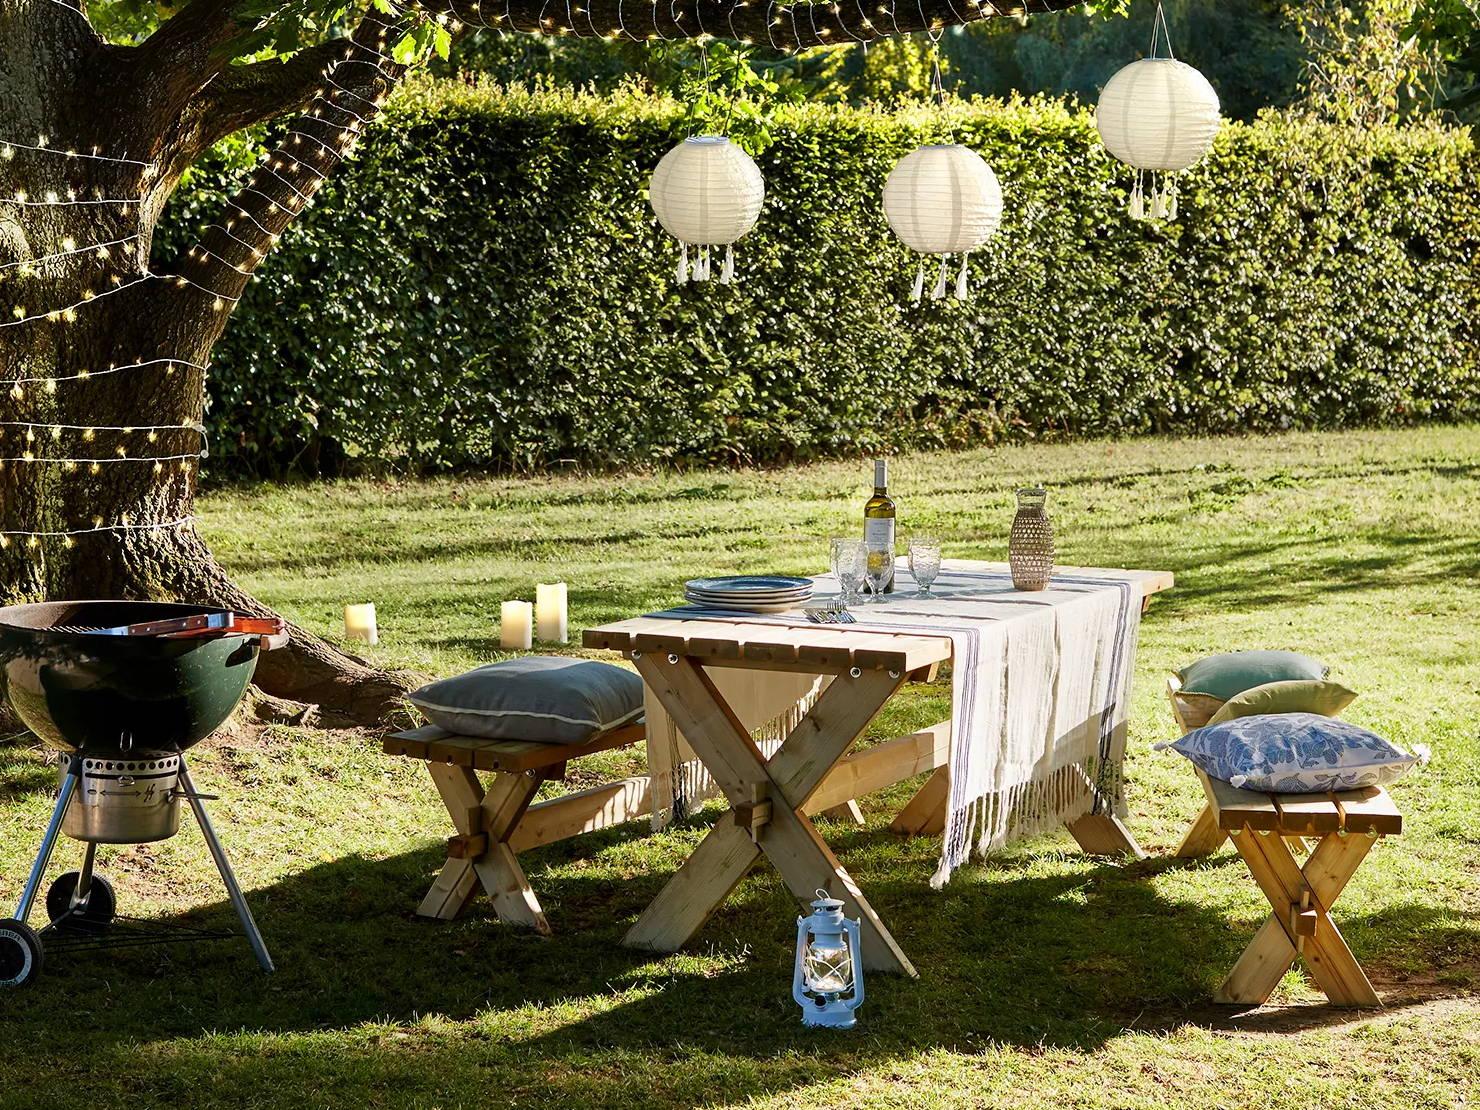 Table de pique-nique avec lampions suspendus, lanterne et guirlande lumineuse.